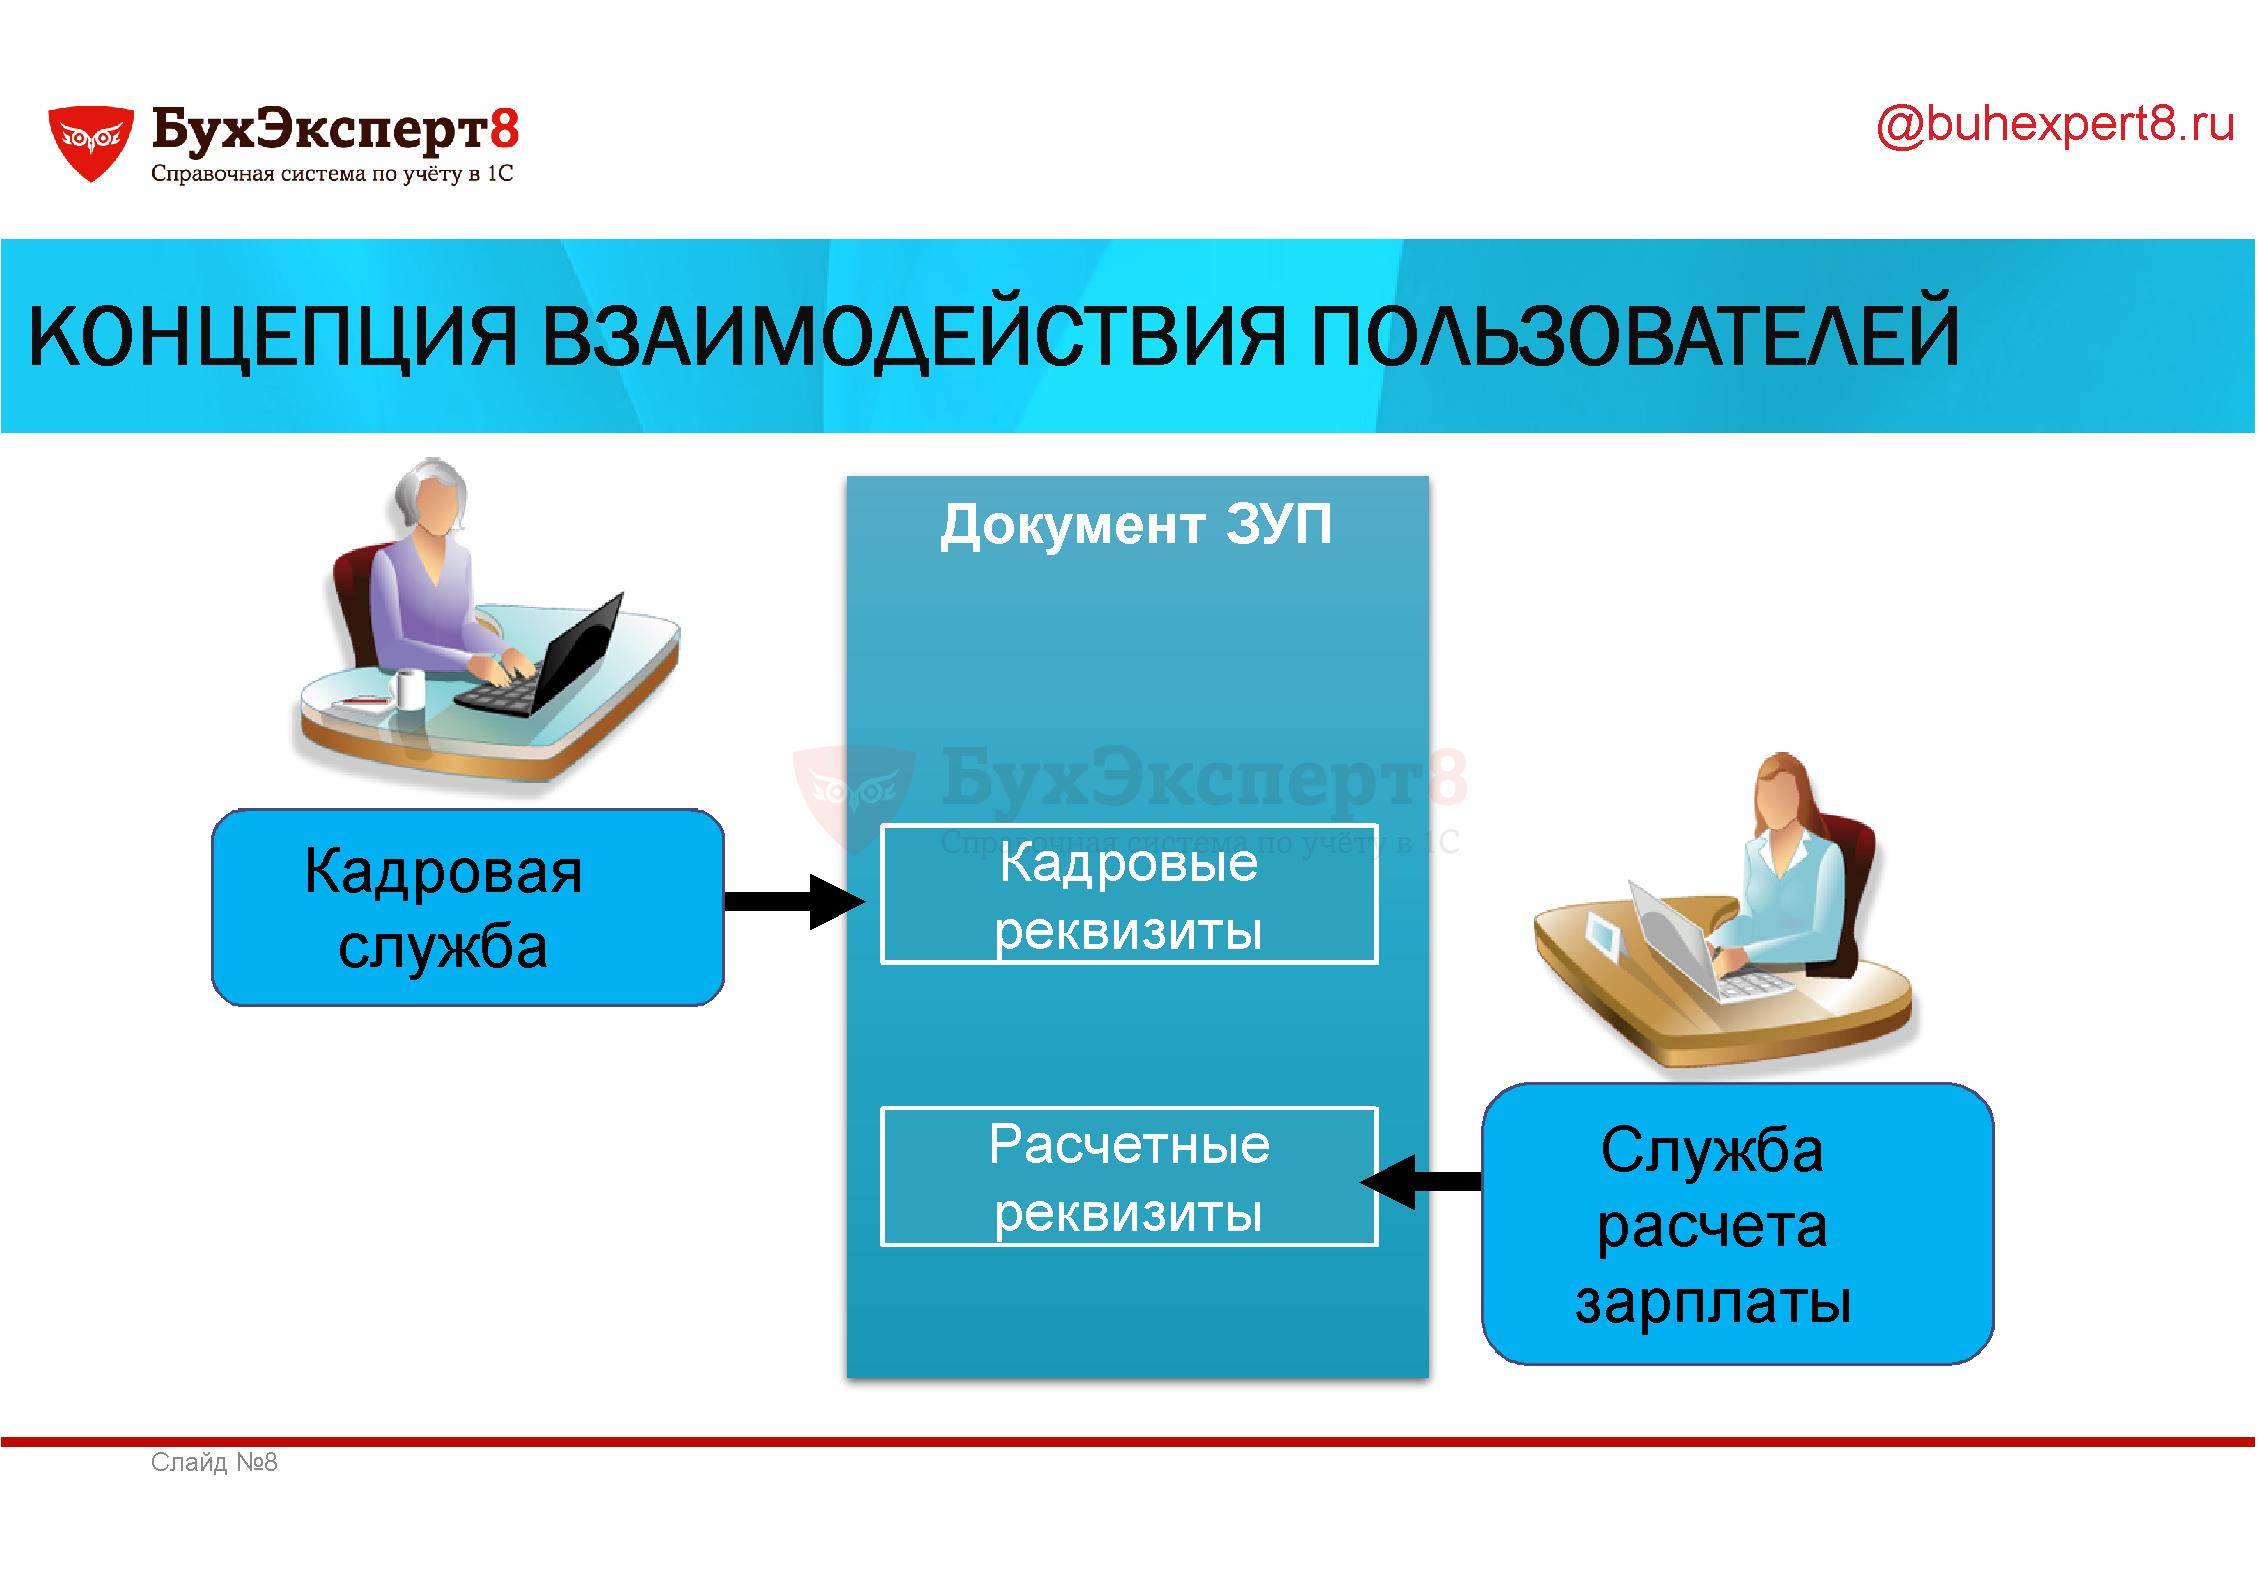 Концепция взаимодействия пользователей Кадровая служба Документ ЗУП Кадровые реквизиты Расчетные реквизиты Служба расчета зарплаты